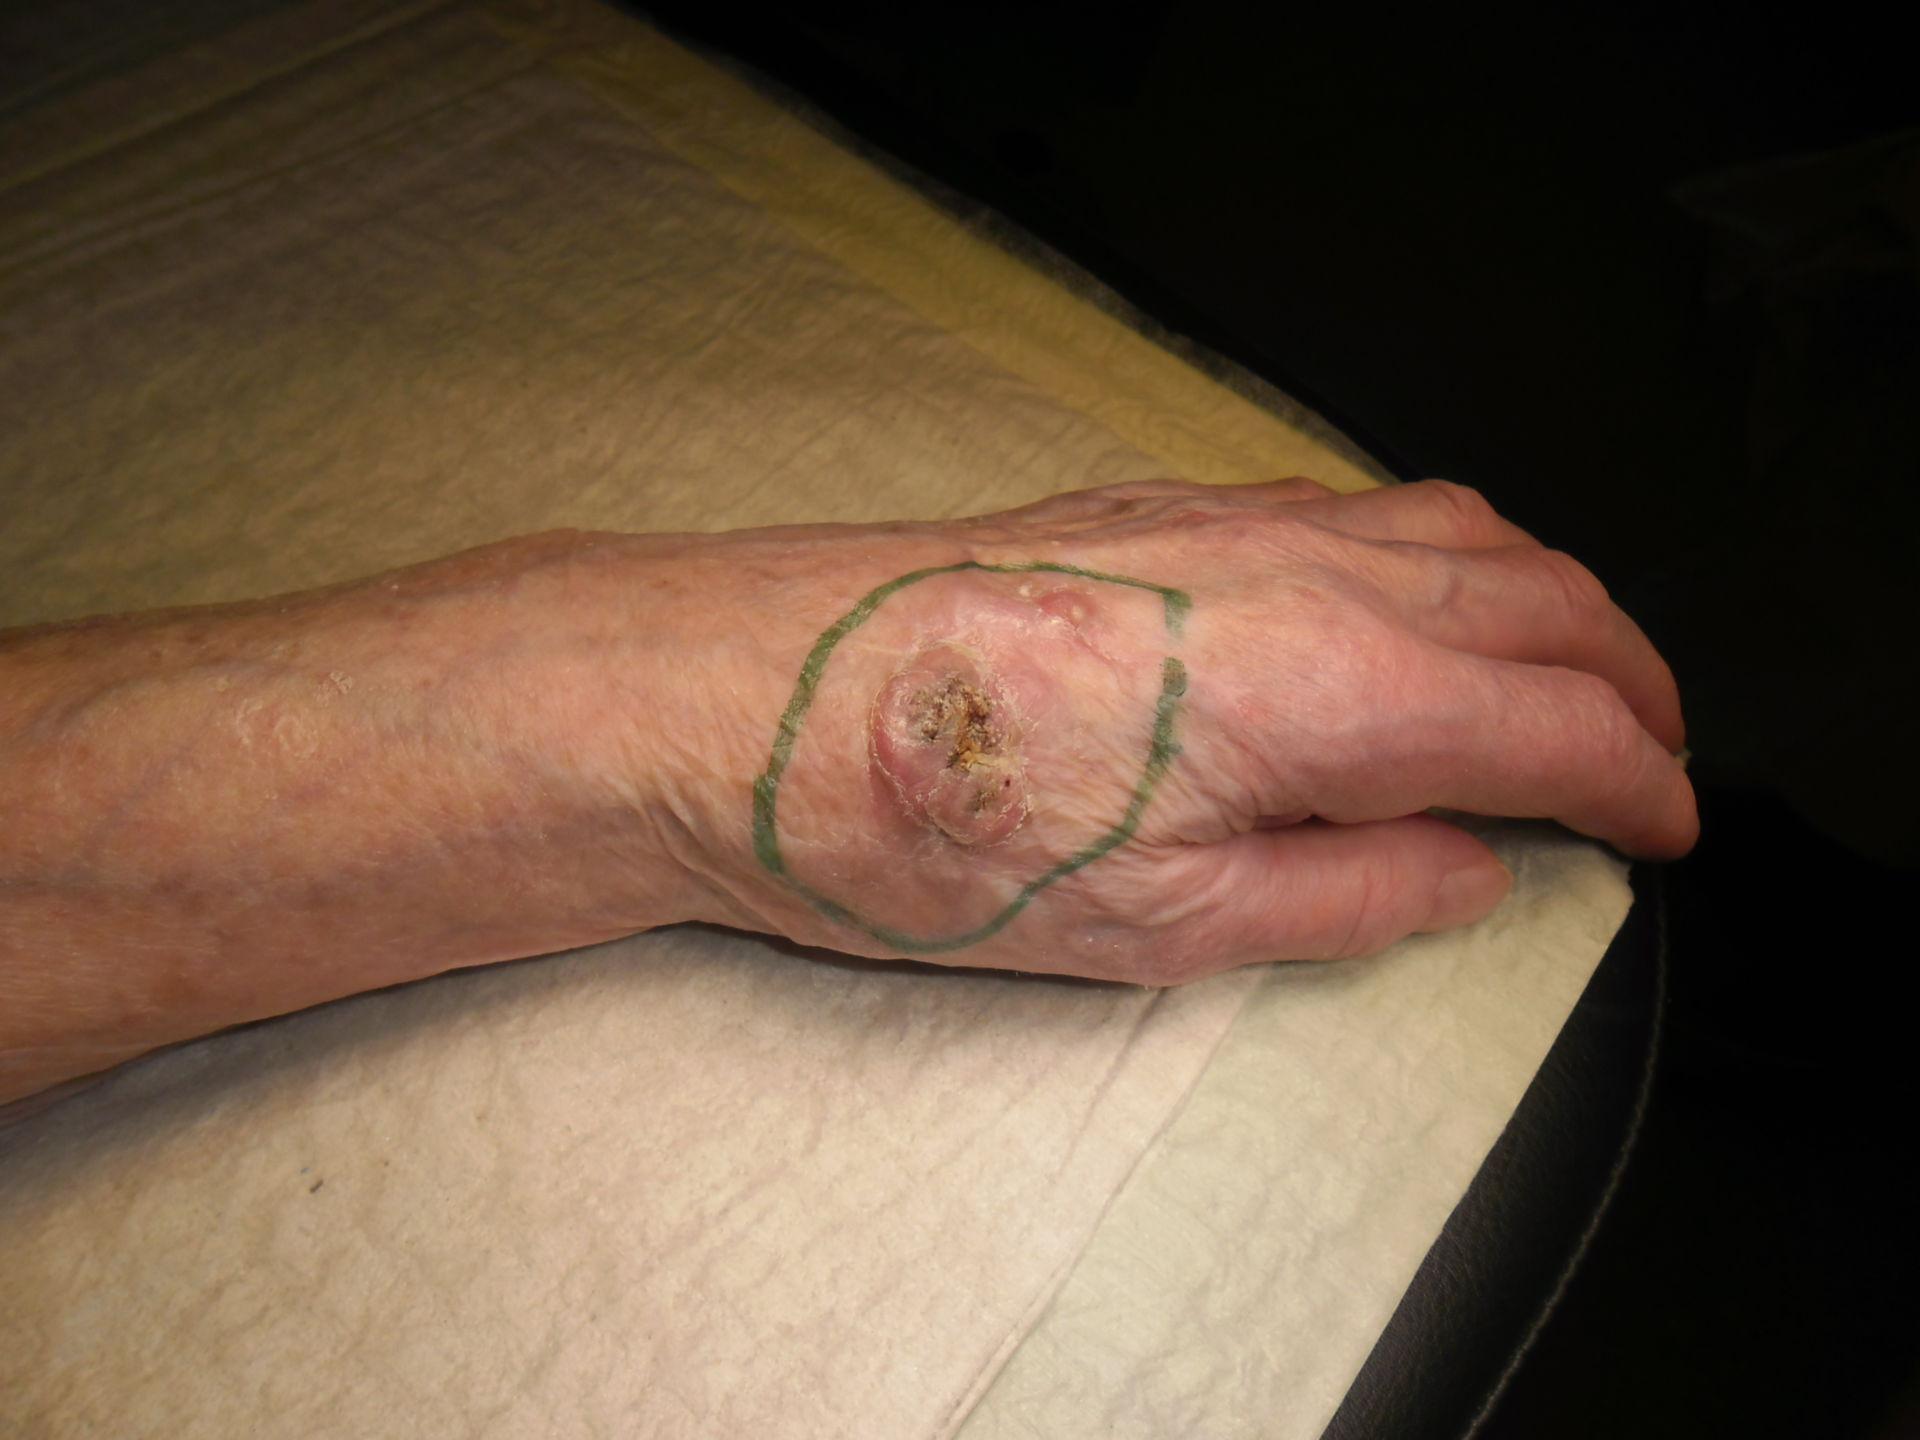 Tumore della mano 1